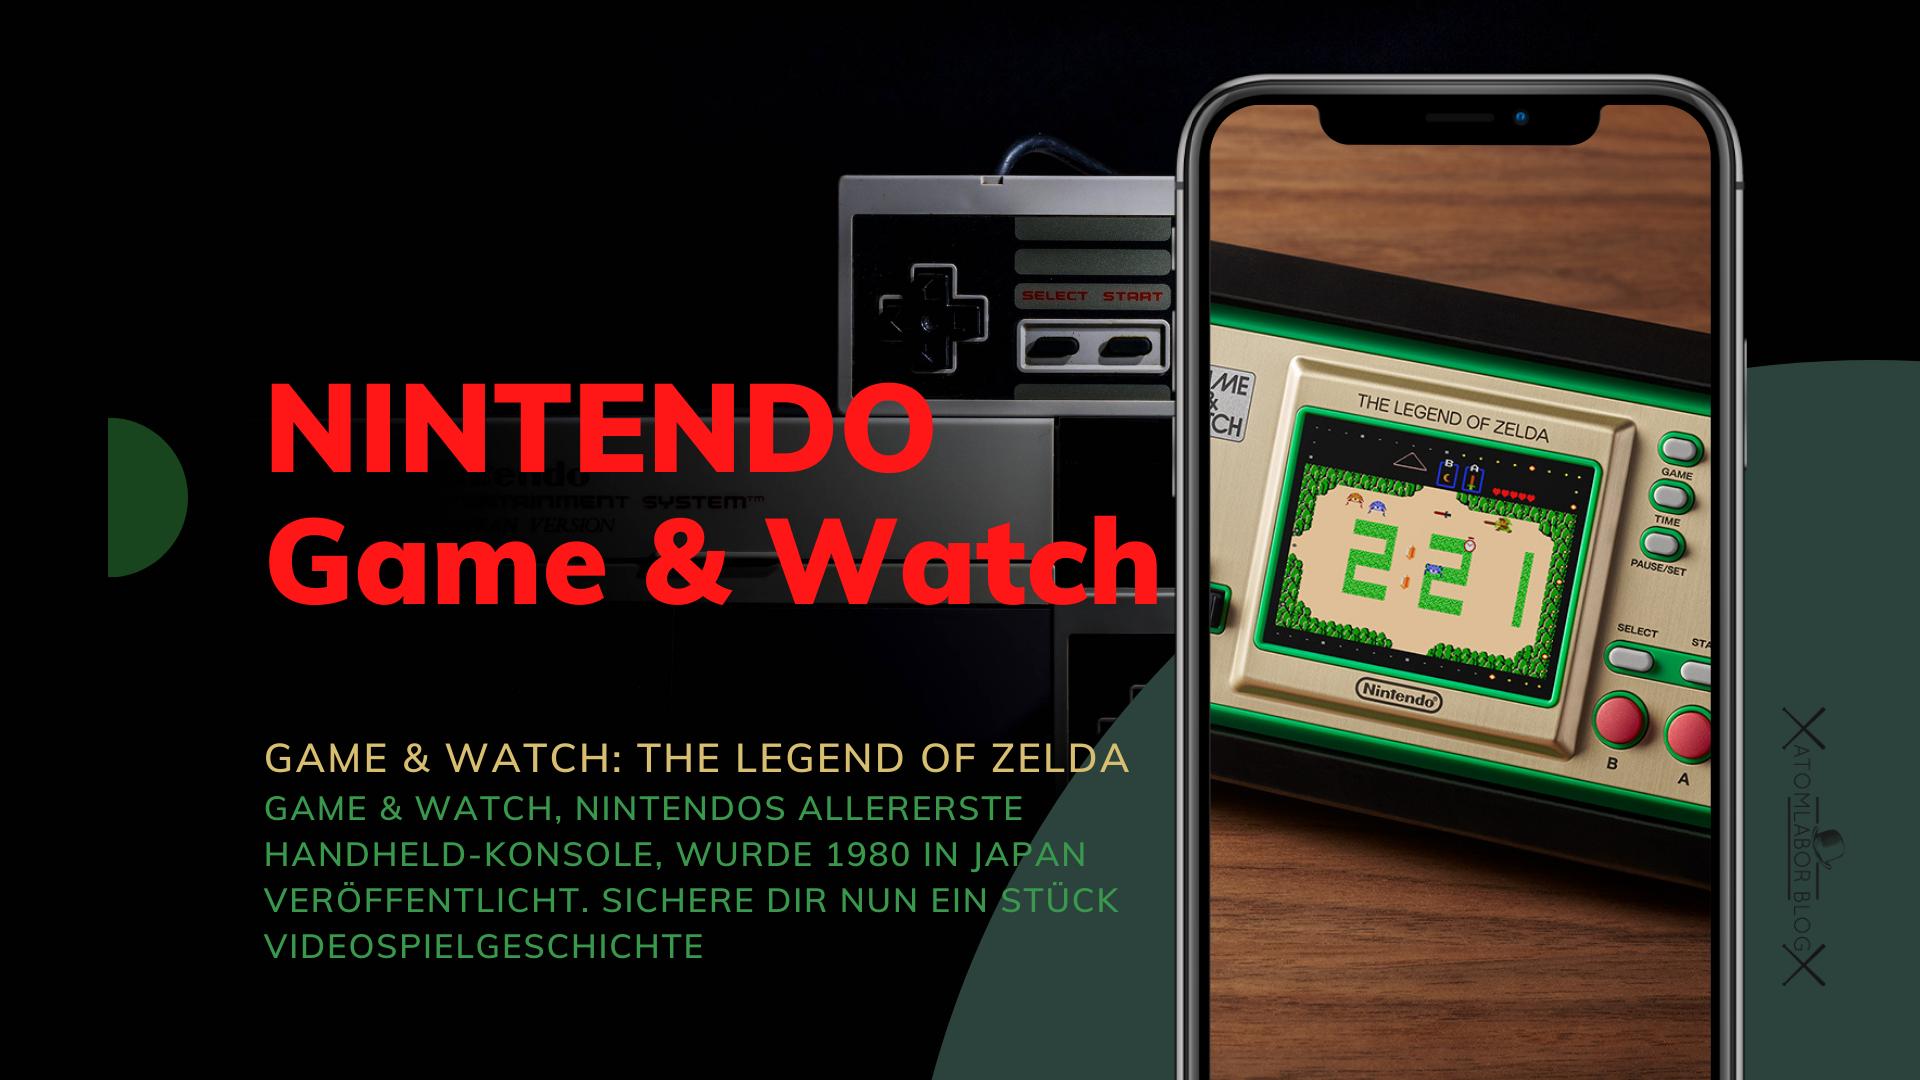 Nintendo präsentiert uns Zelda als Game & Watch   Handheld und Uhr mit The Legend of Zelda